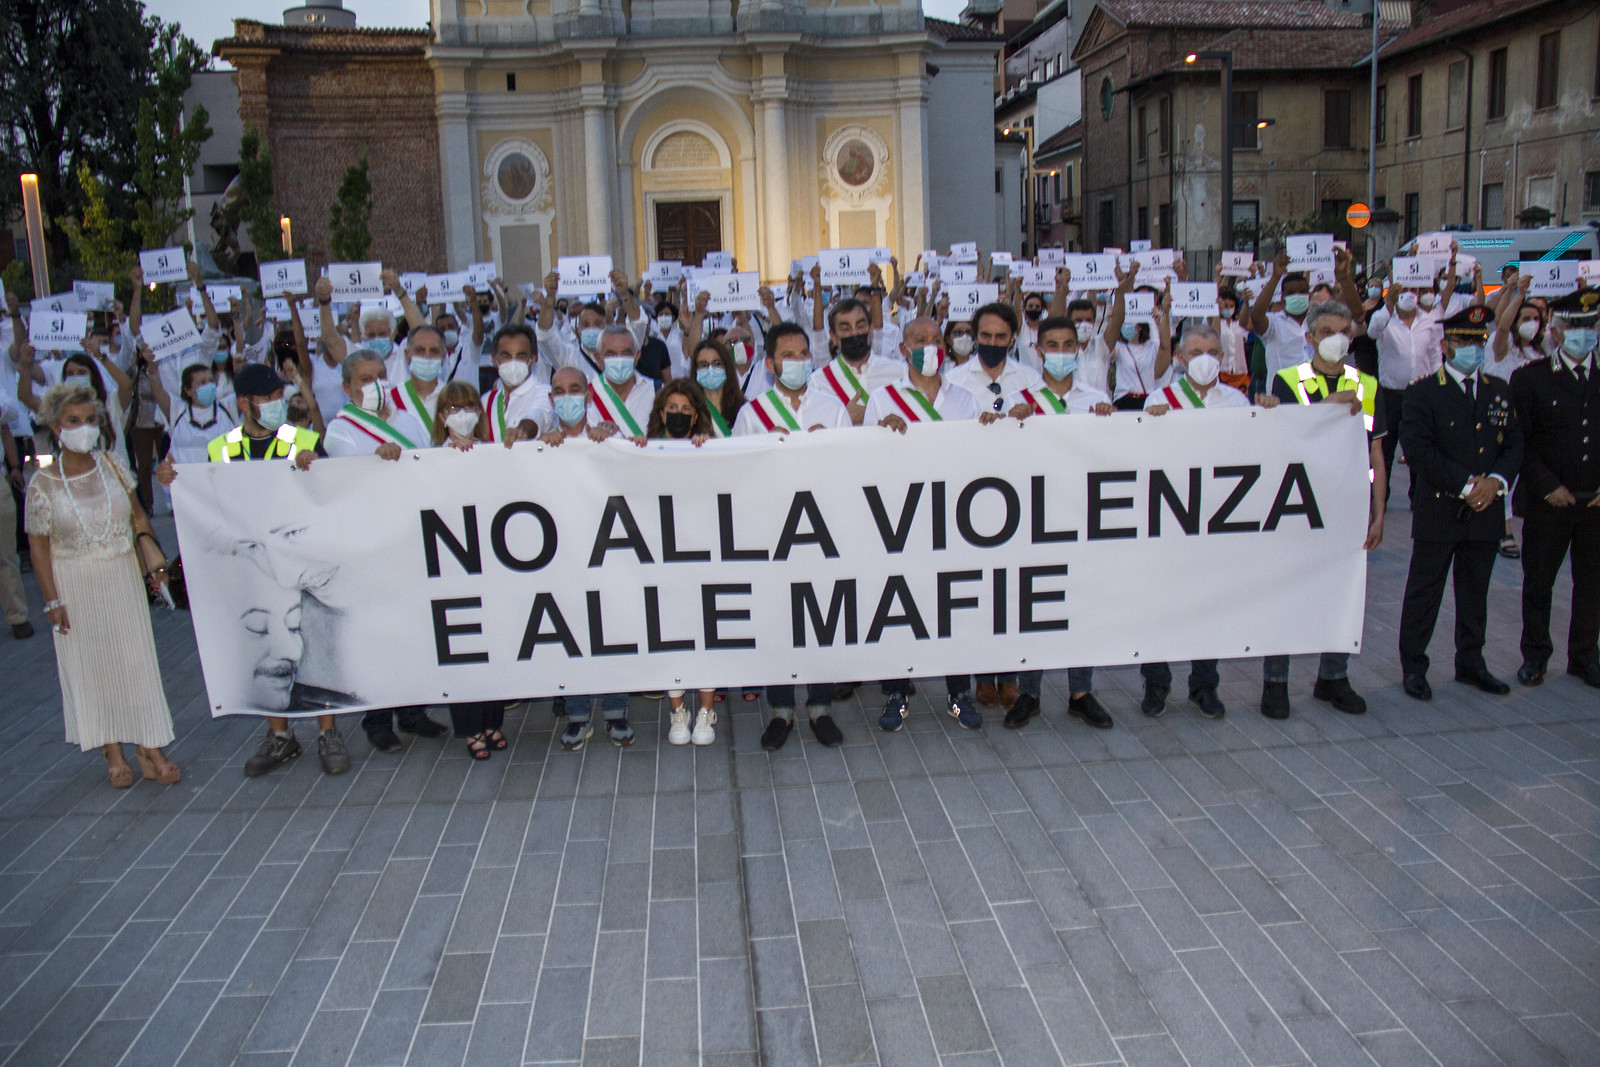 No alla Violenza e alle Mafie